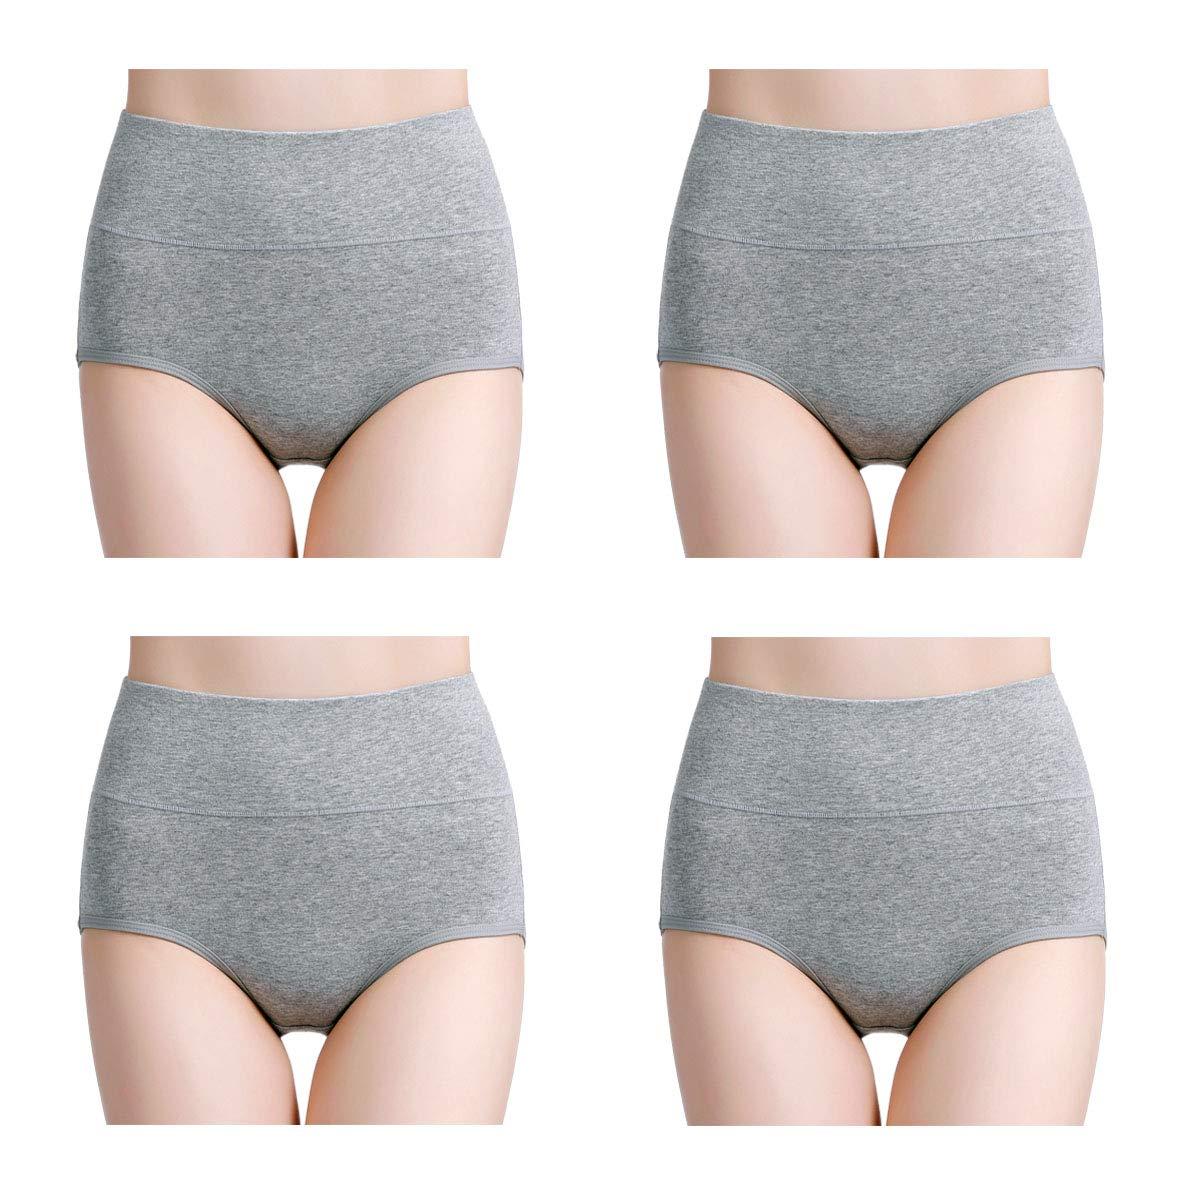 a5d8404576fee Wirarpa Women s Soft Cotton Underwear Briefs High Waist Full Panties